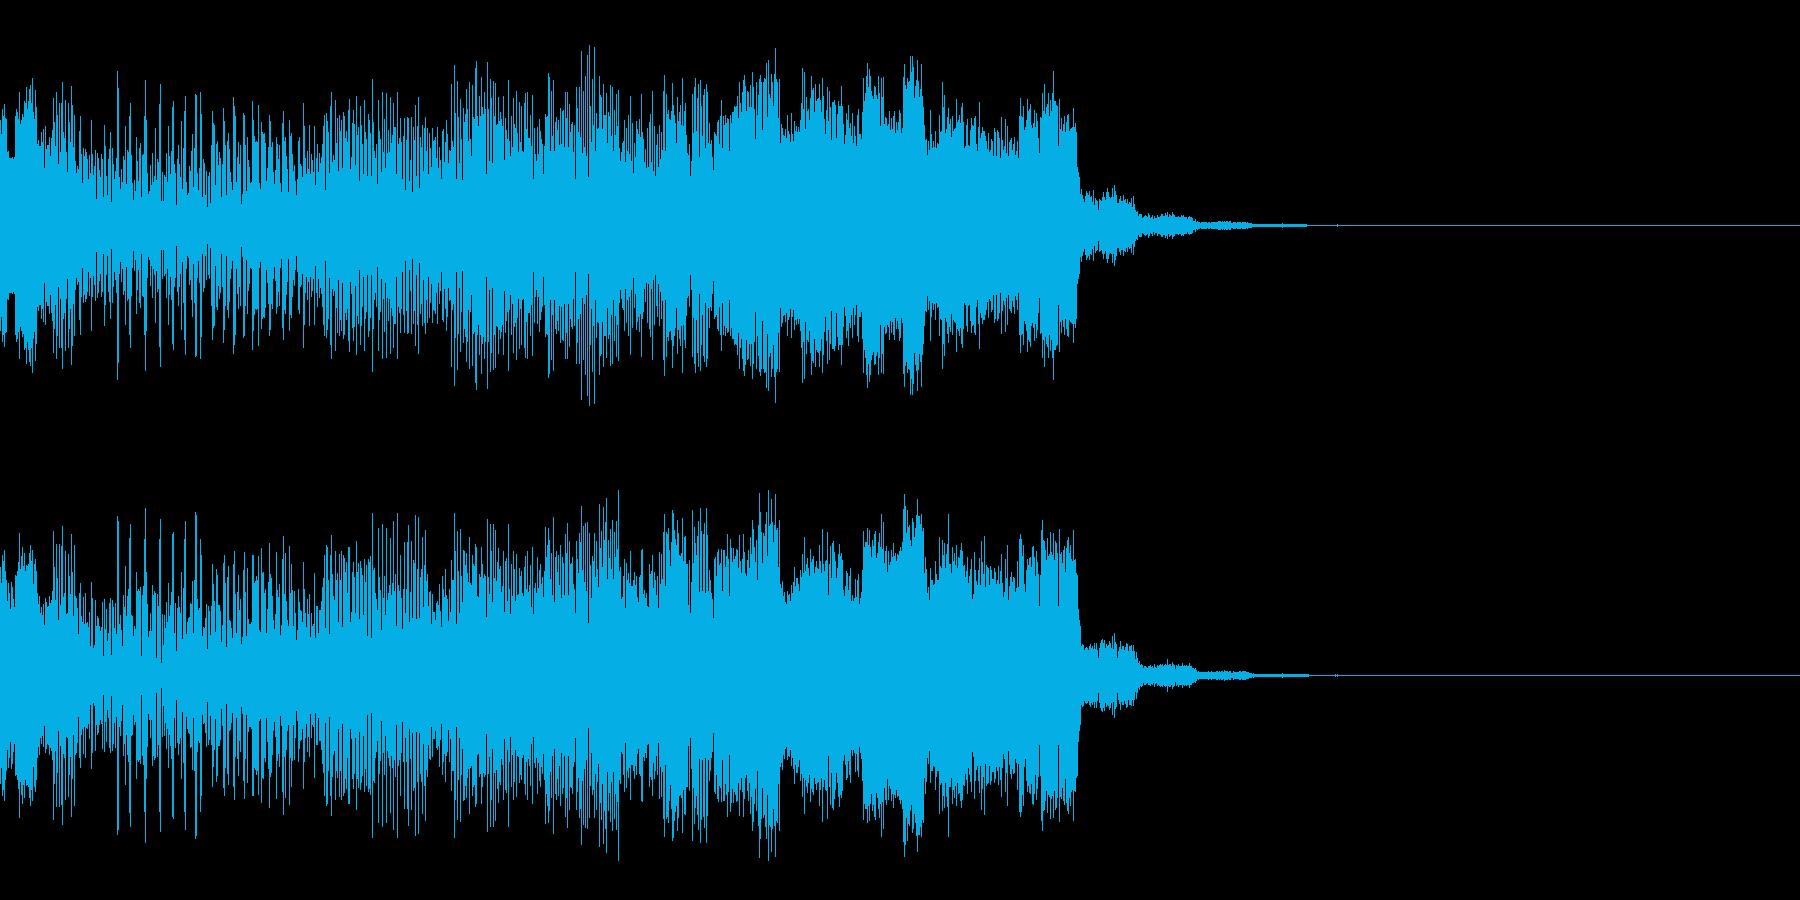 パチンコ的アイテム獲得音02(電子音)の再生済みの波形